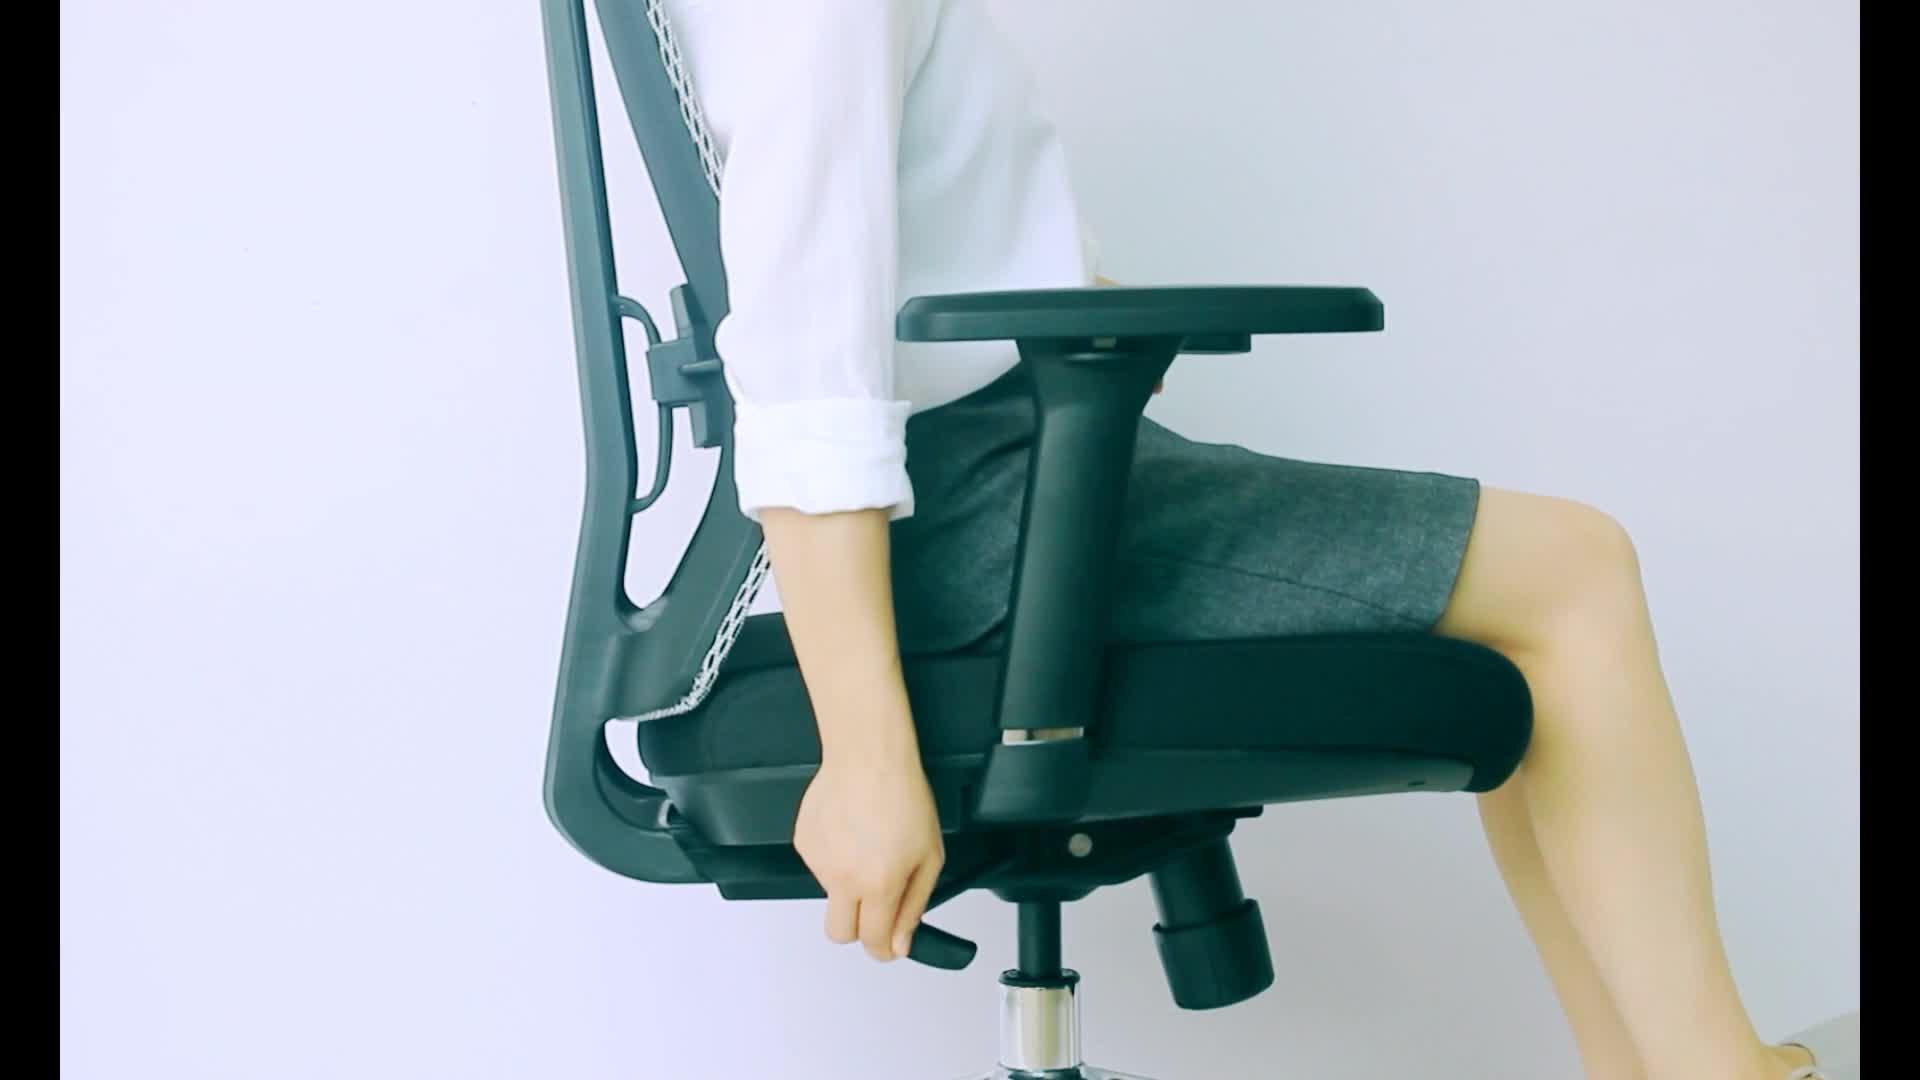 Самые конкурентоспособные офисные стулья с множеством функций и качеством BIFMA